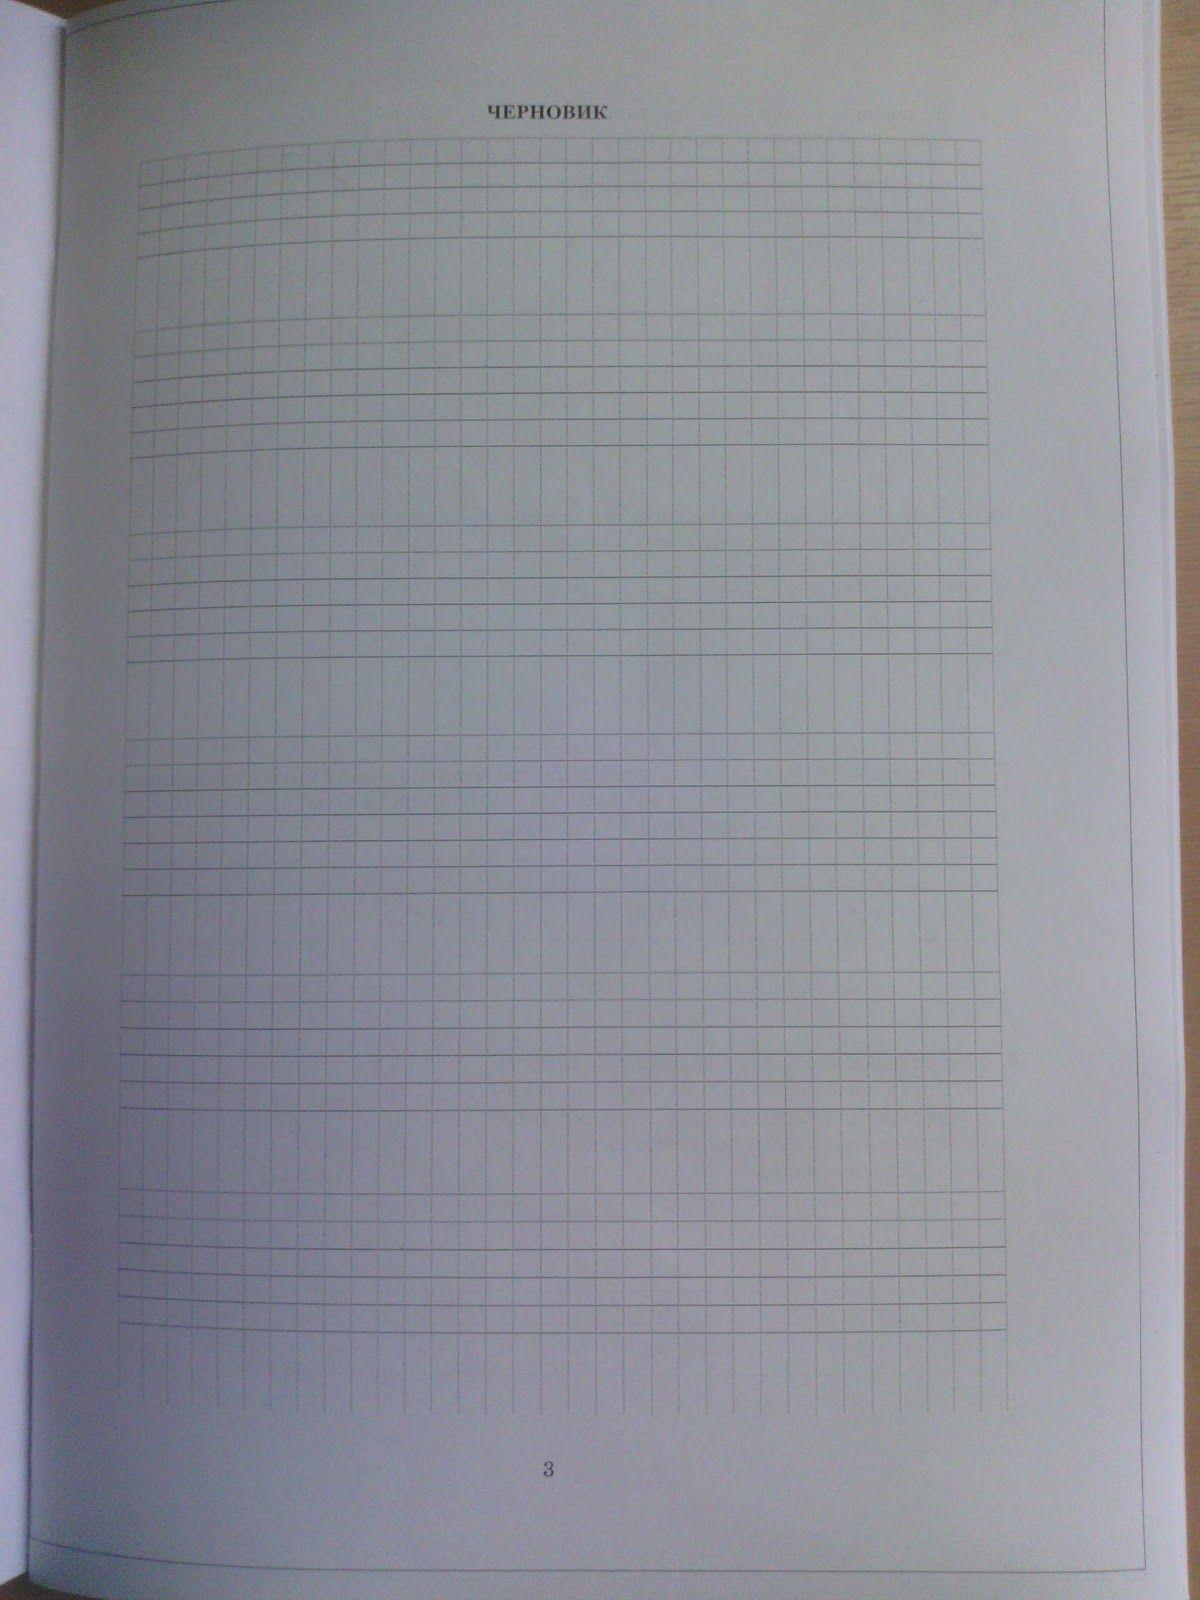 Физика 9 класс генденштейн учебник читать.